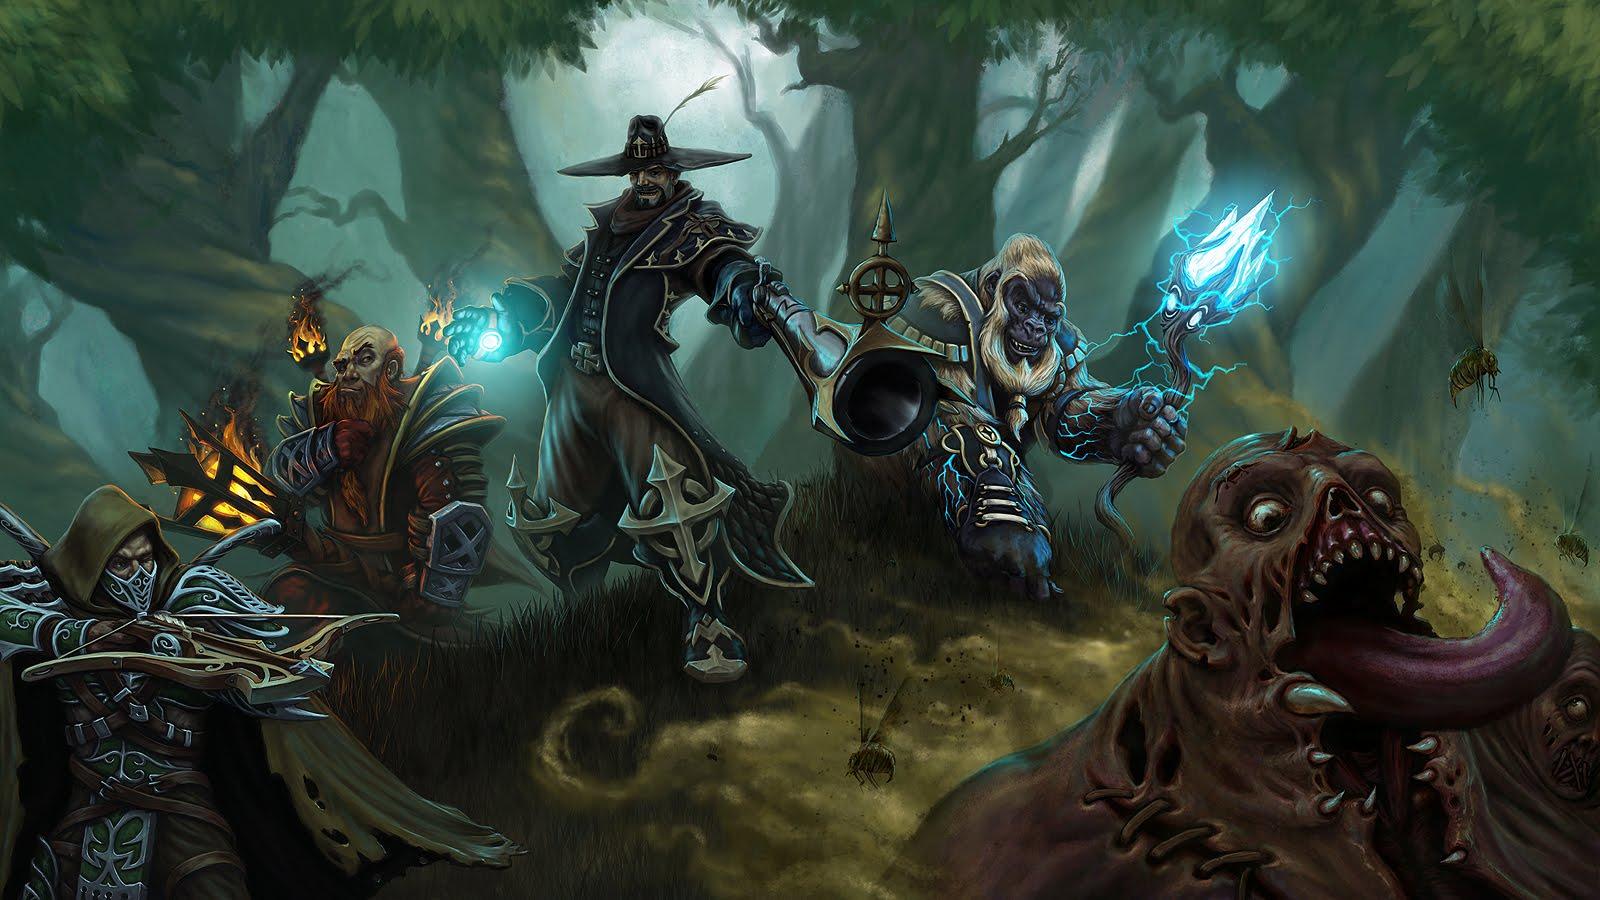 Kill Stealers by TorturerWraithSpy